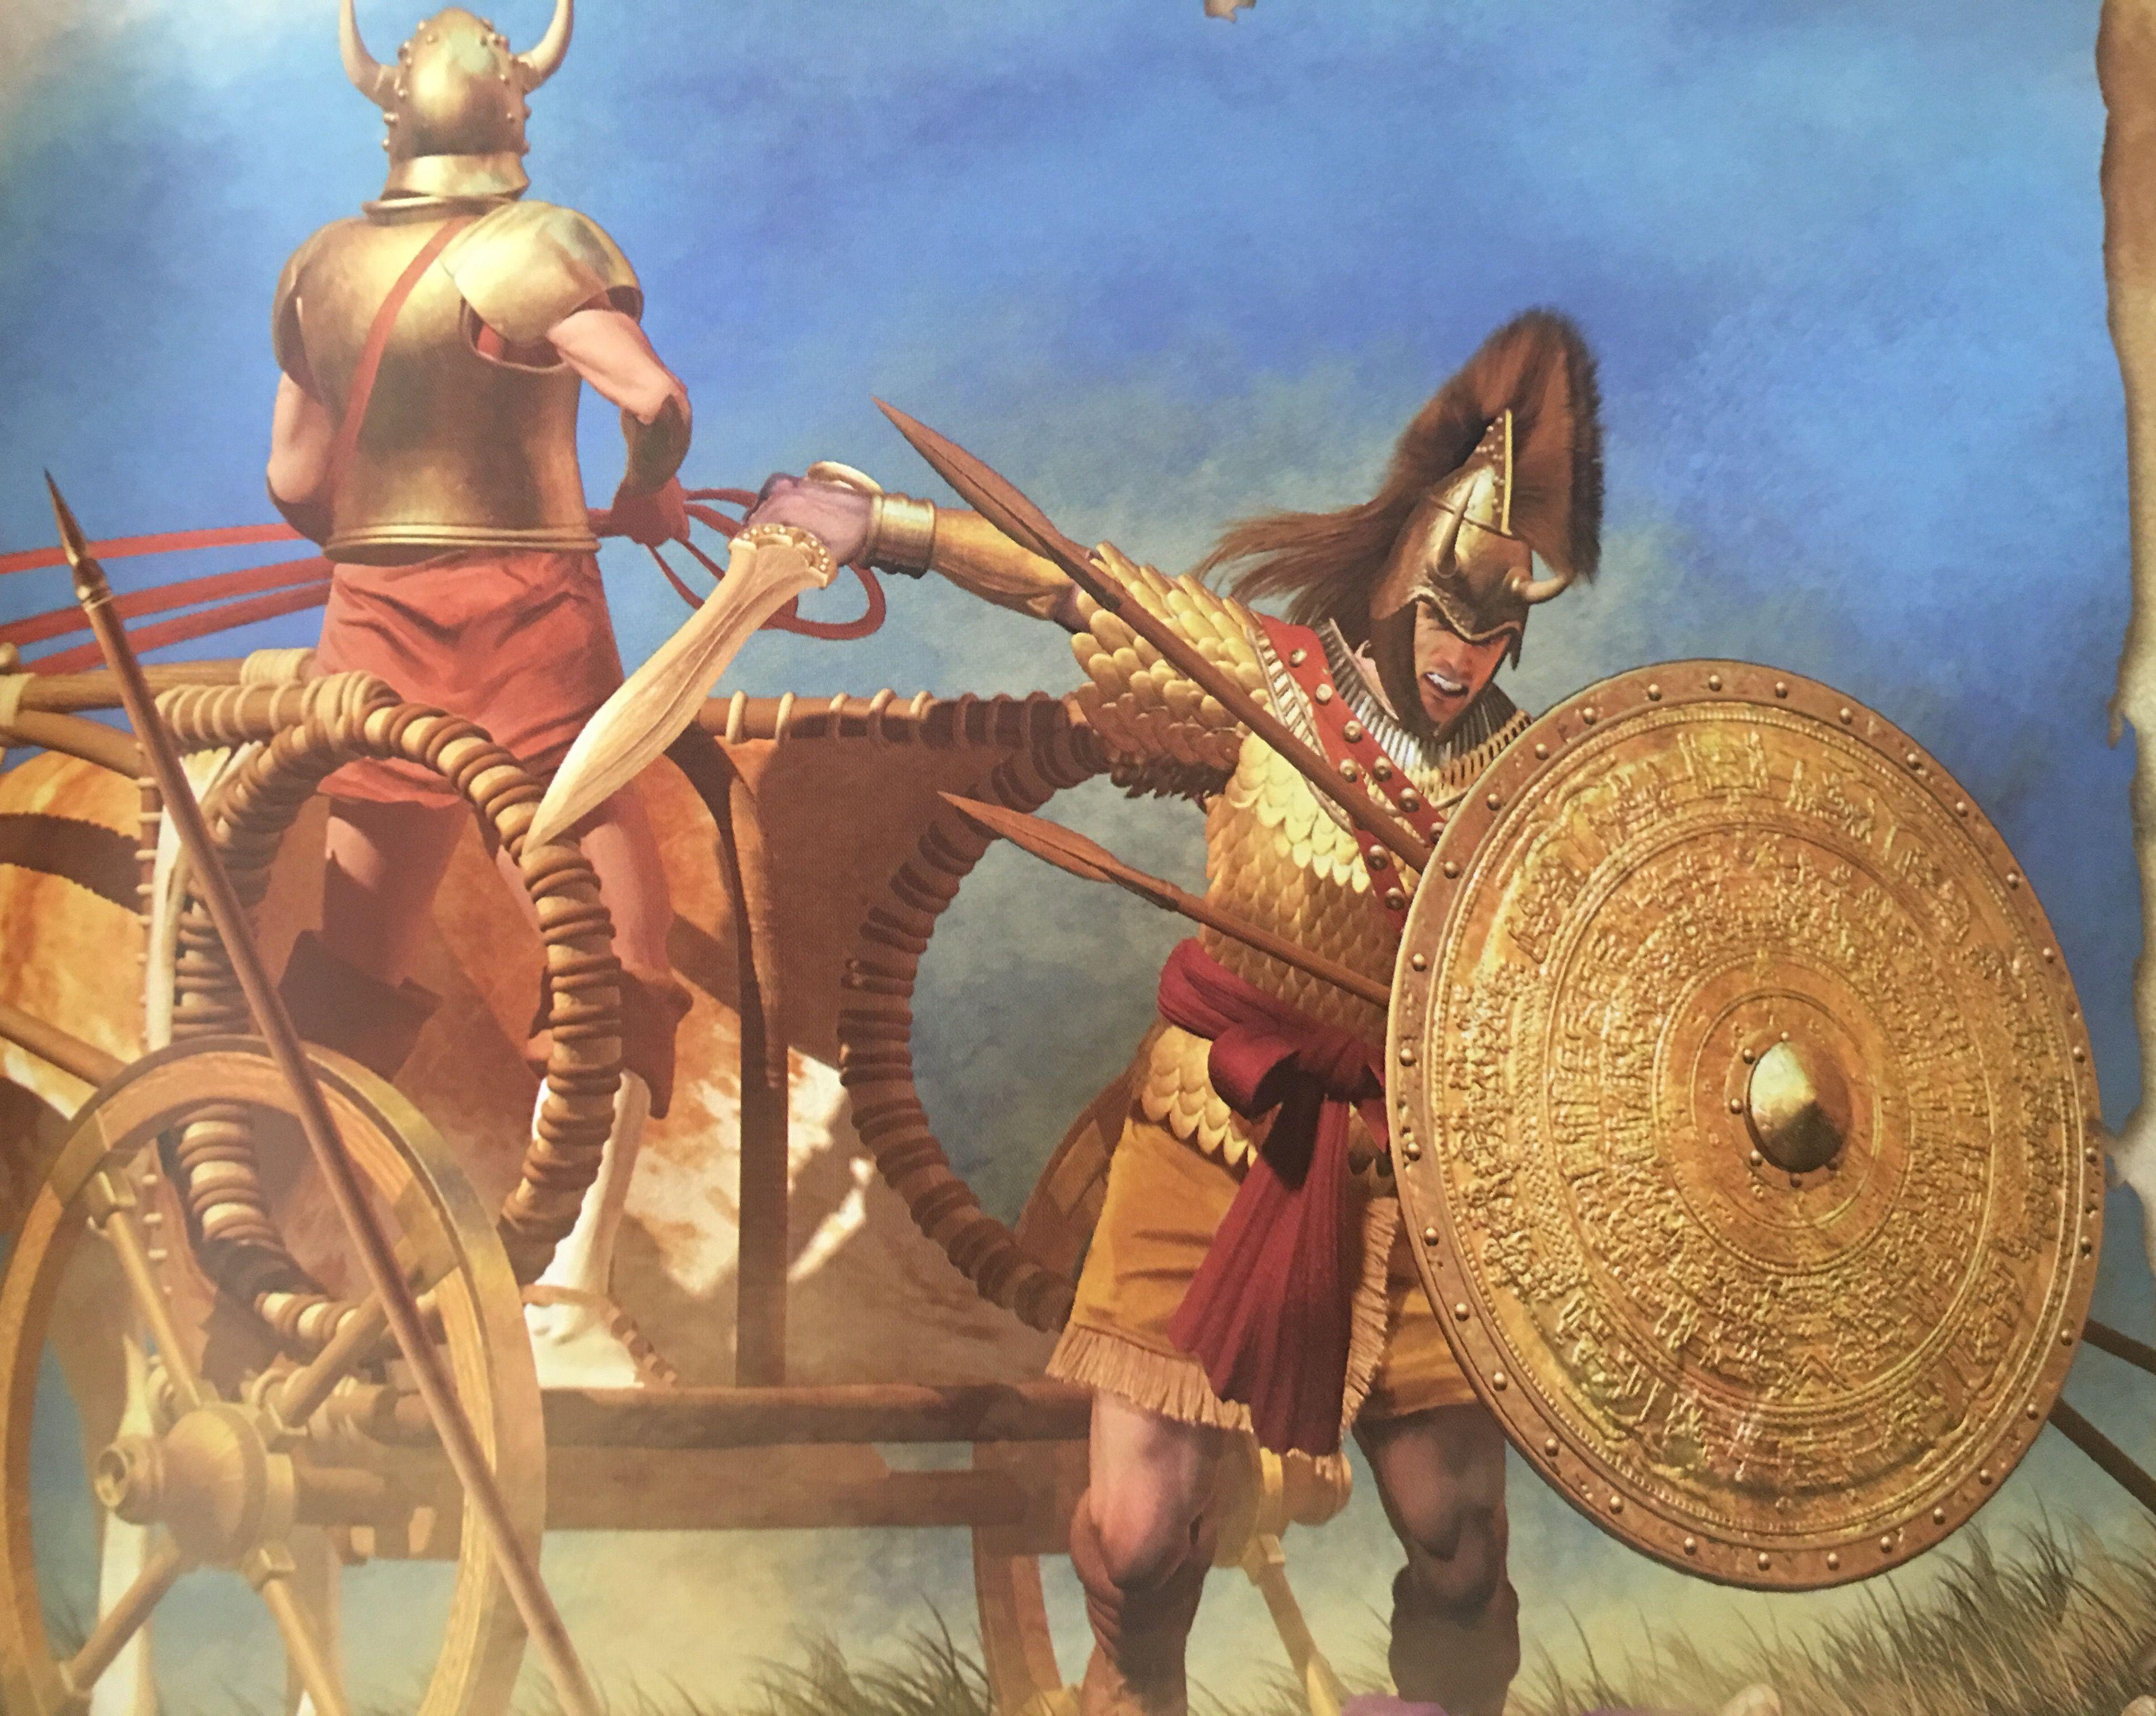 время актрису микенские воины в картинках диком